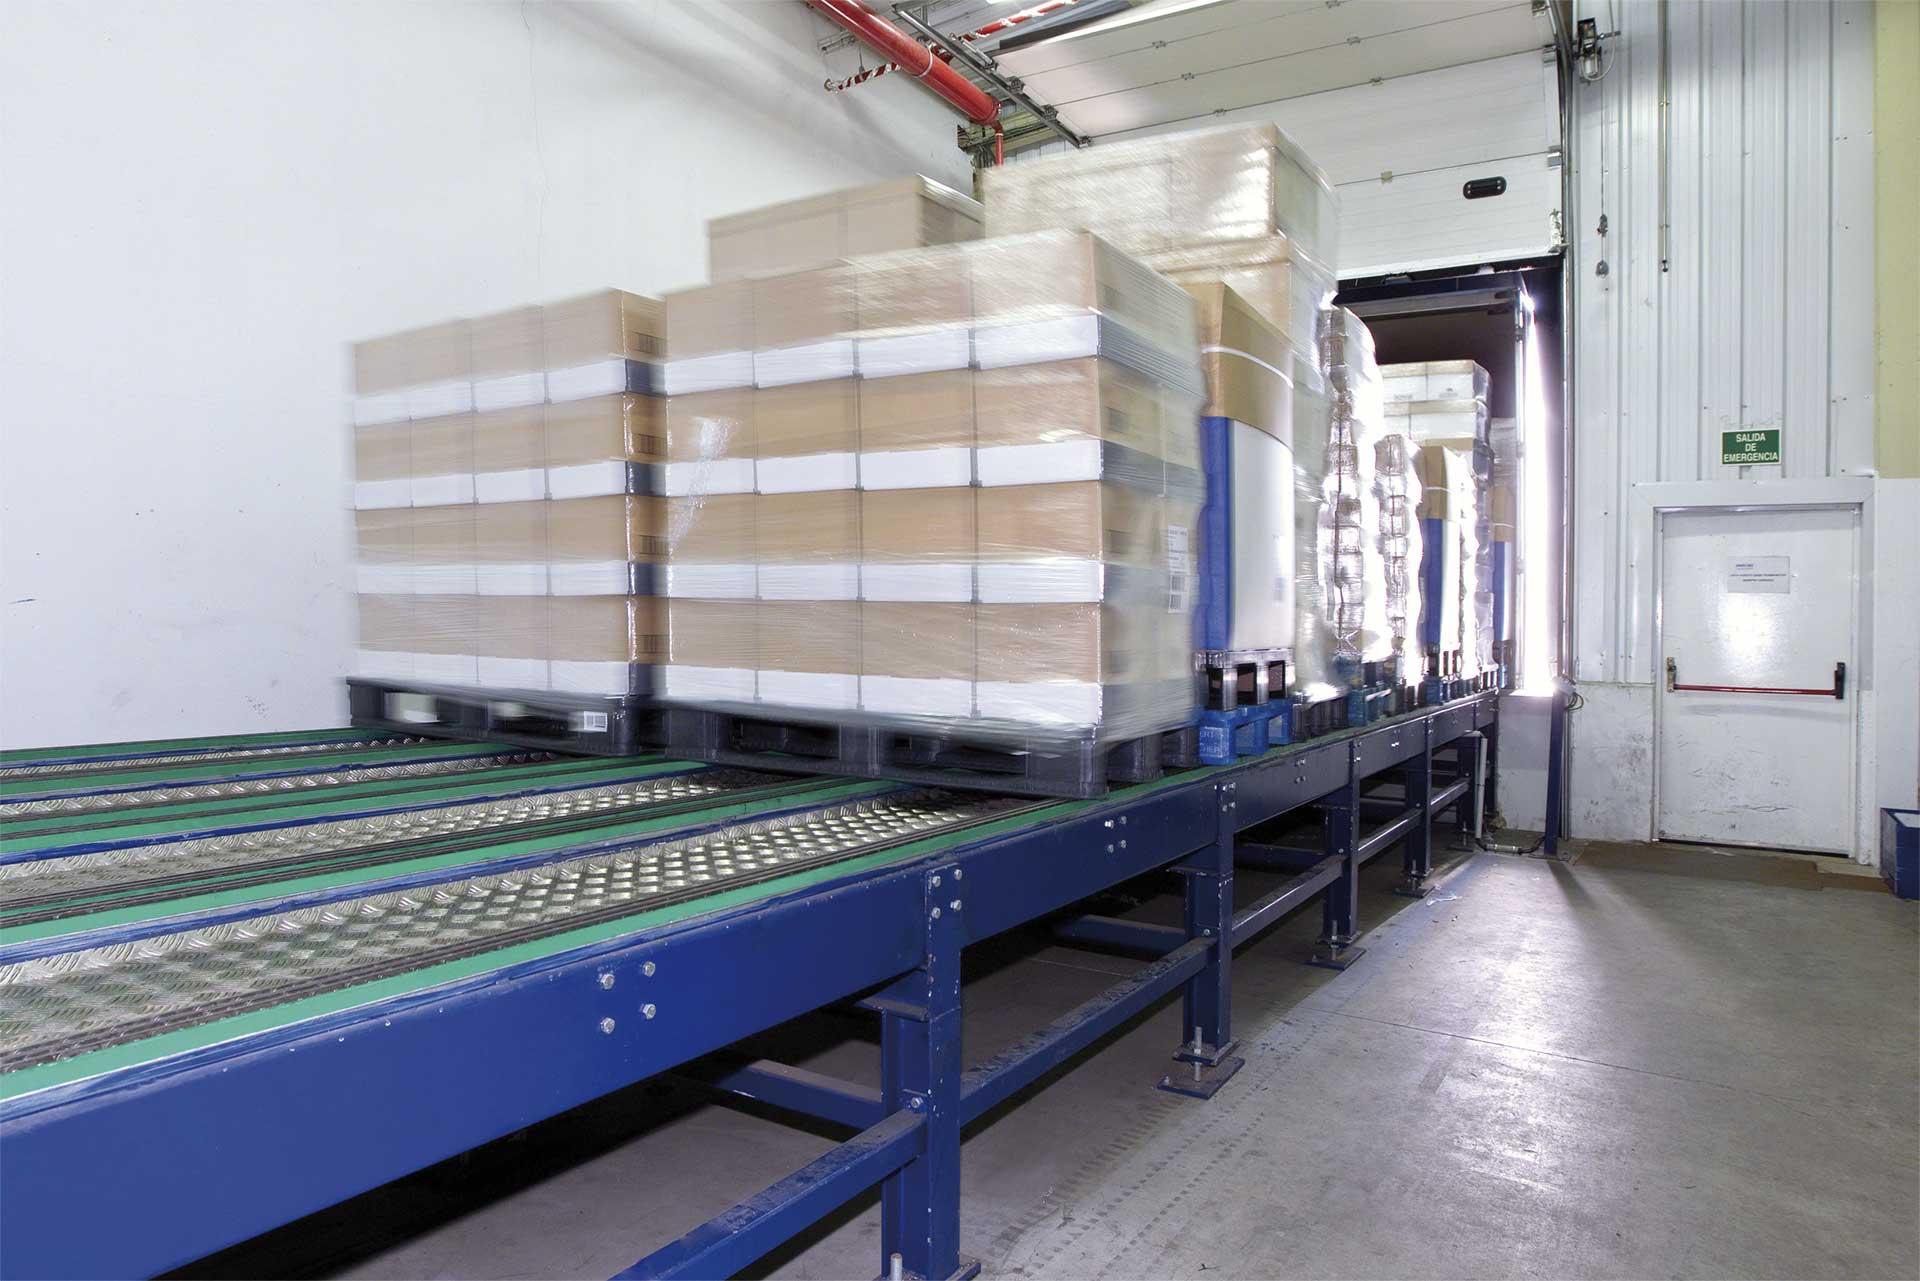 Los sistemas automáticos de carga y descarga de camiones ofrecen agilidad y seguridad en la zona de muelles del depósito.